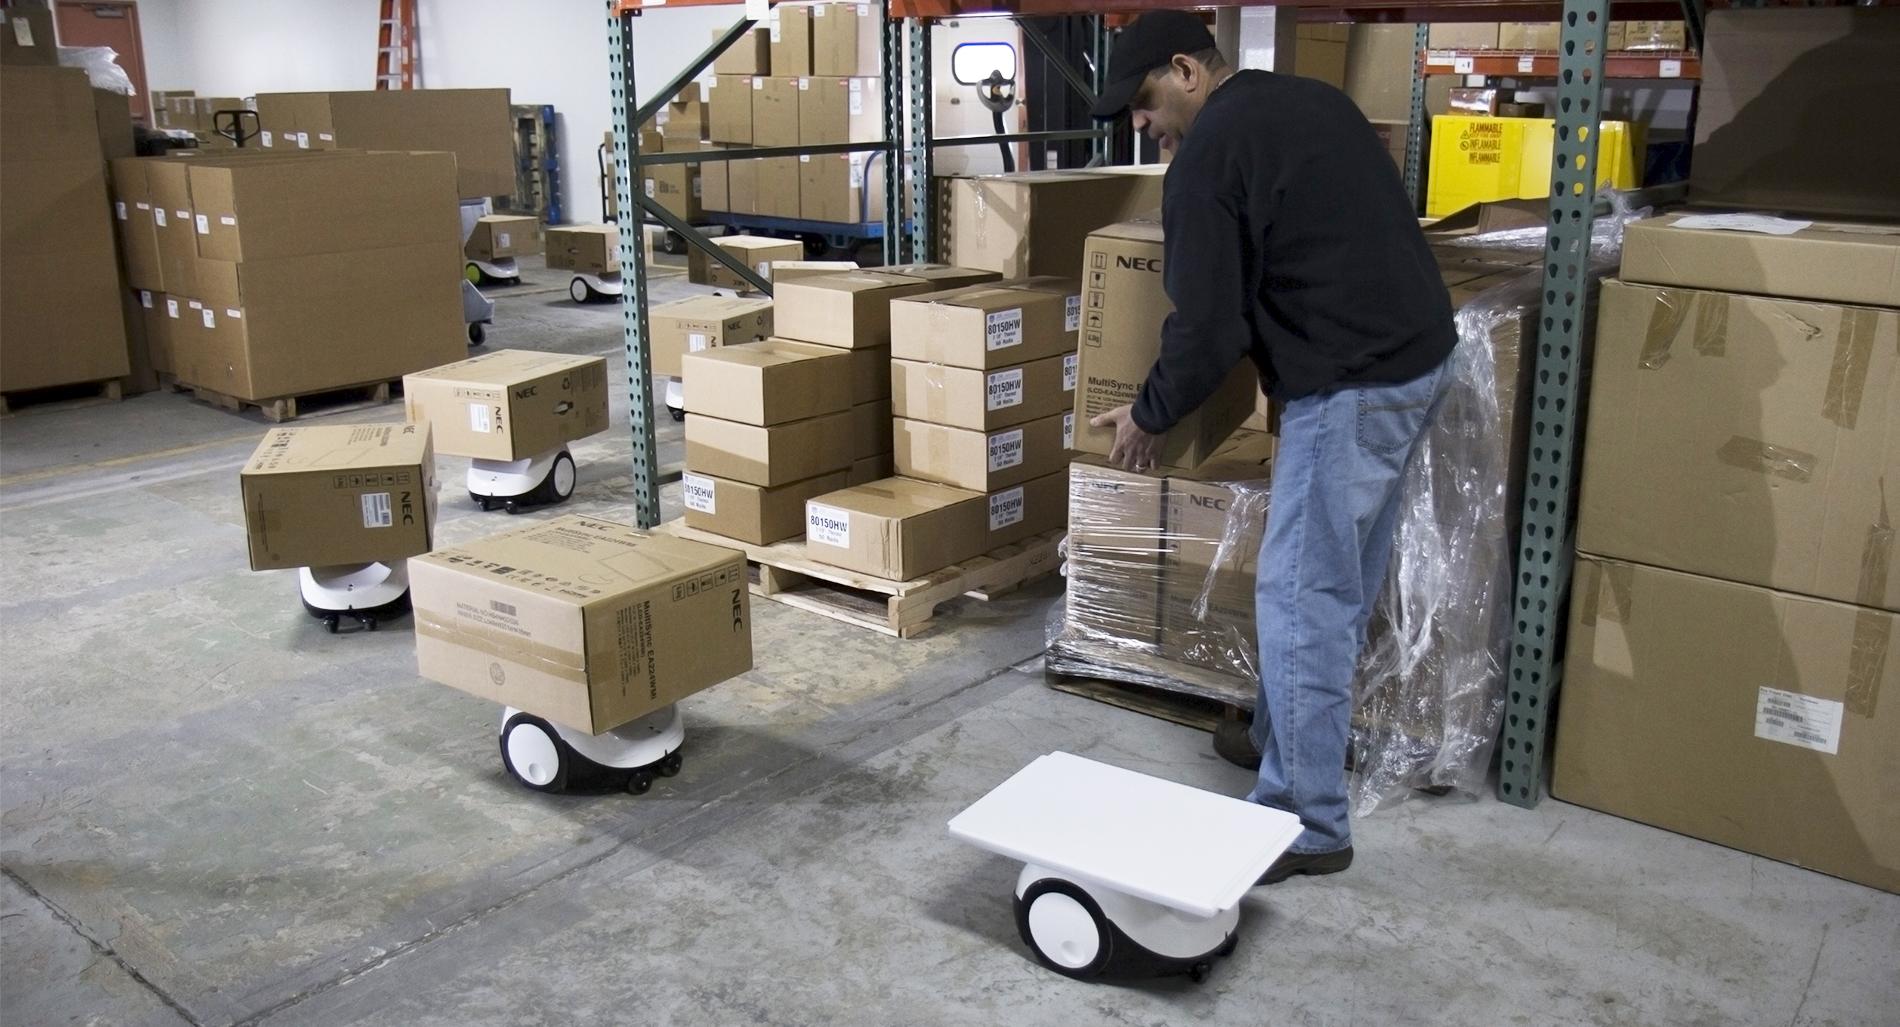 人工智能机器人在物流与仓储中的作用